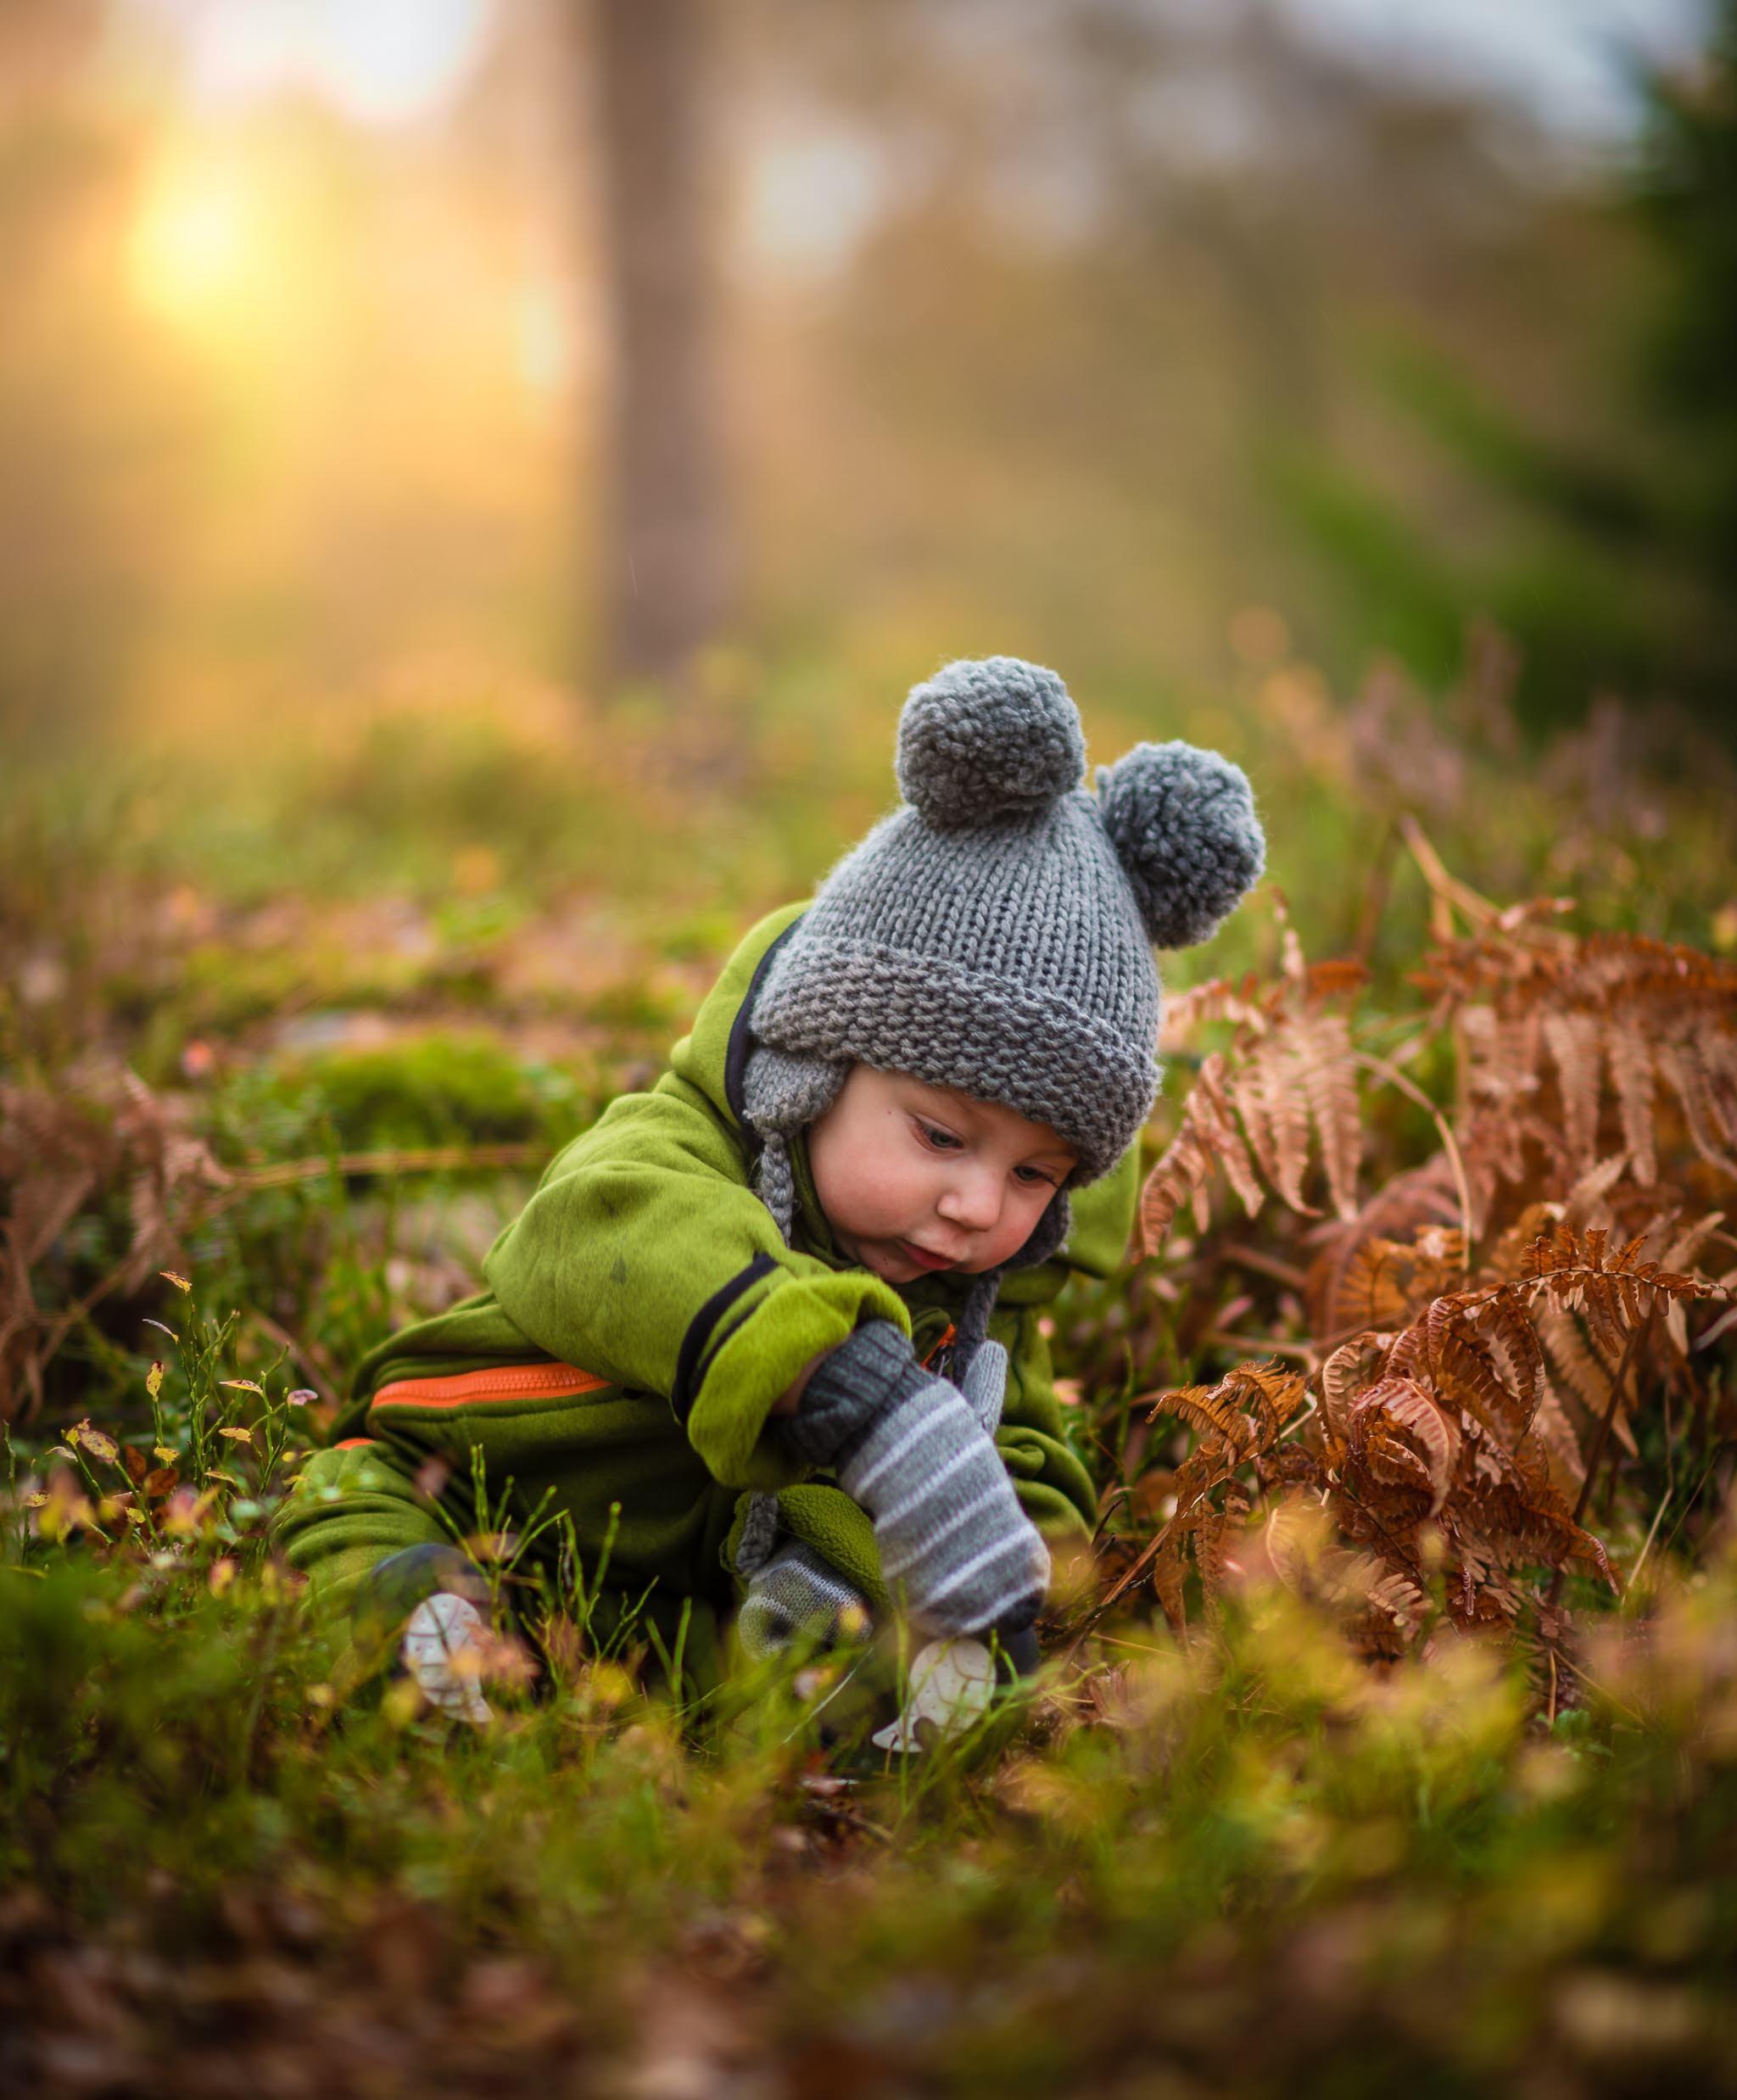 Fotos de stock gratuitas de adorable, alegría, bebé, césped